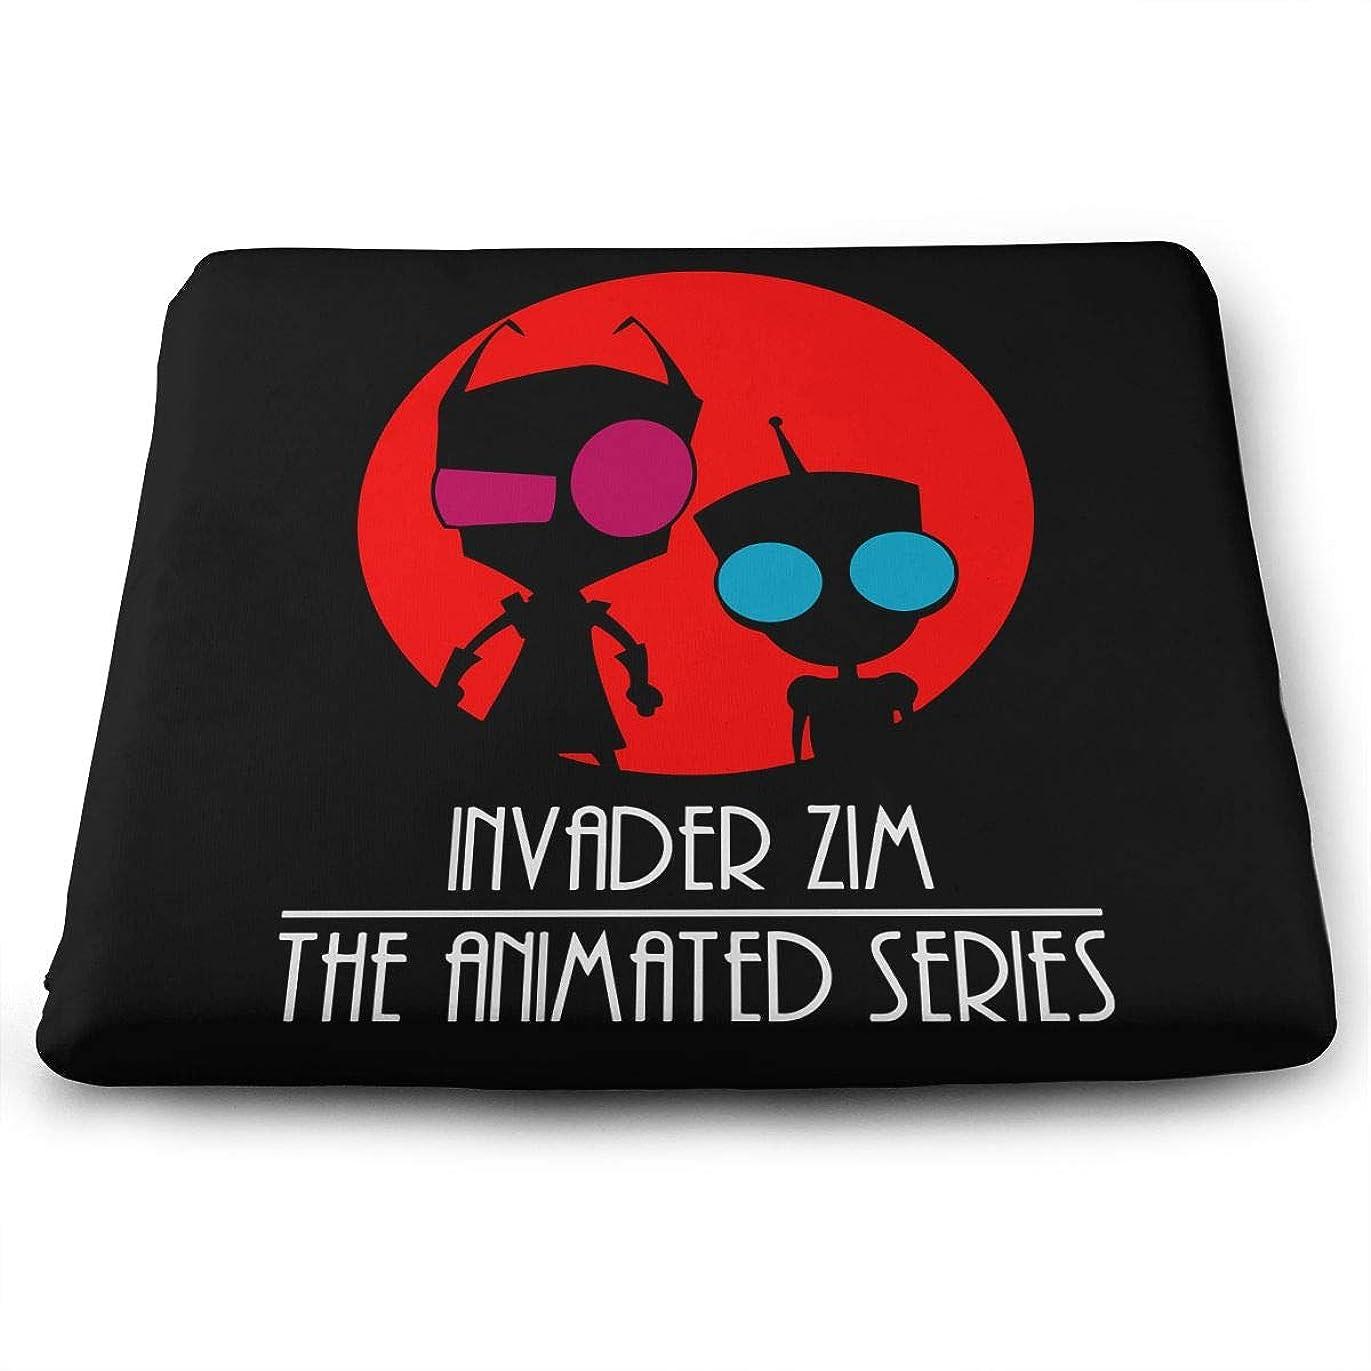 チャーミングマサッチョワームインベーダージム \r\nアニメシリーズ Invader Zim The Animated Series スクエア座布団 四角クッション 低反発 柔軟 優しい肌触り 椅子に最適 座り心地抜群 おしゃれ シートクッション